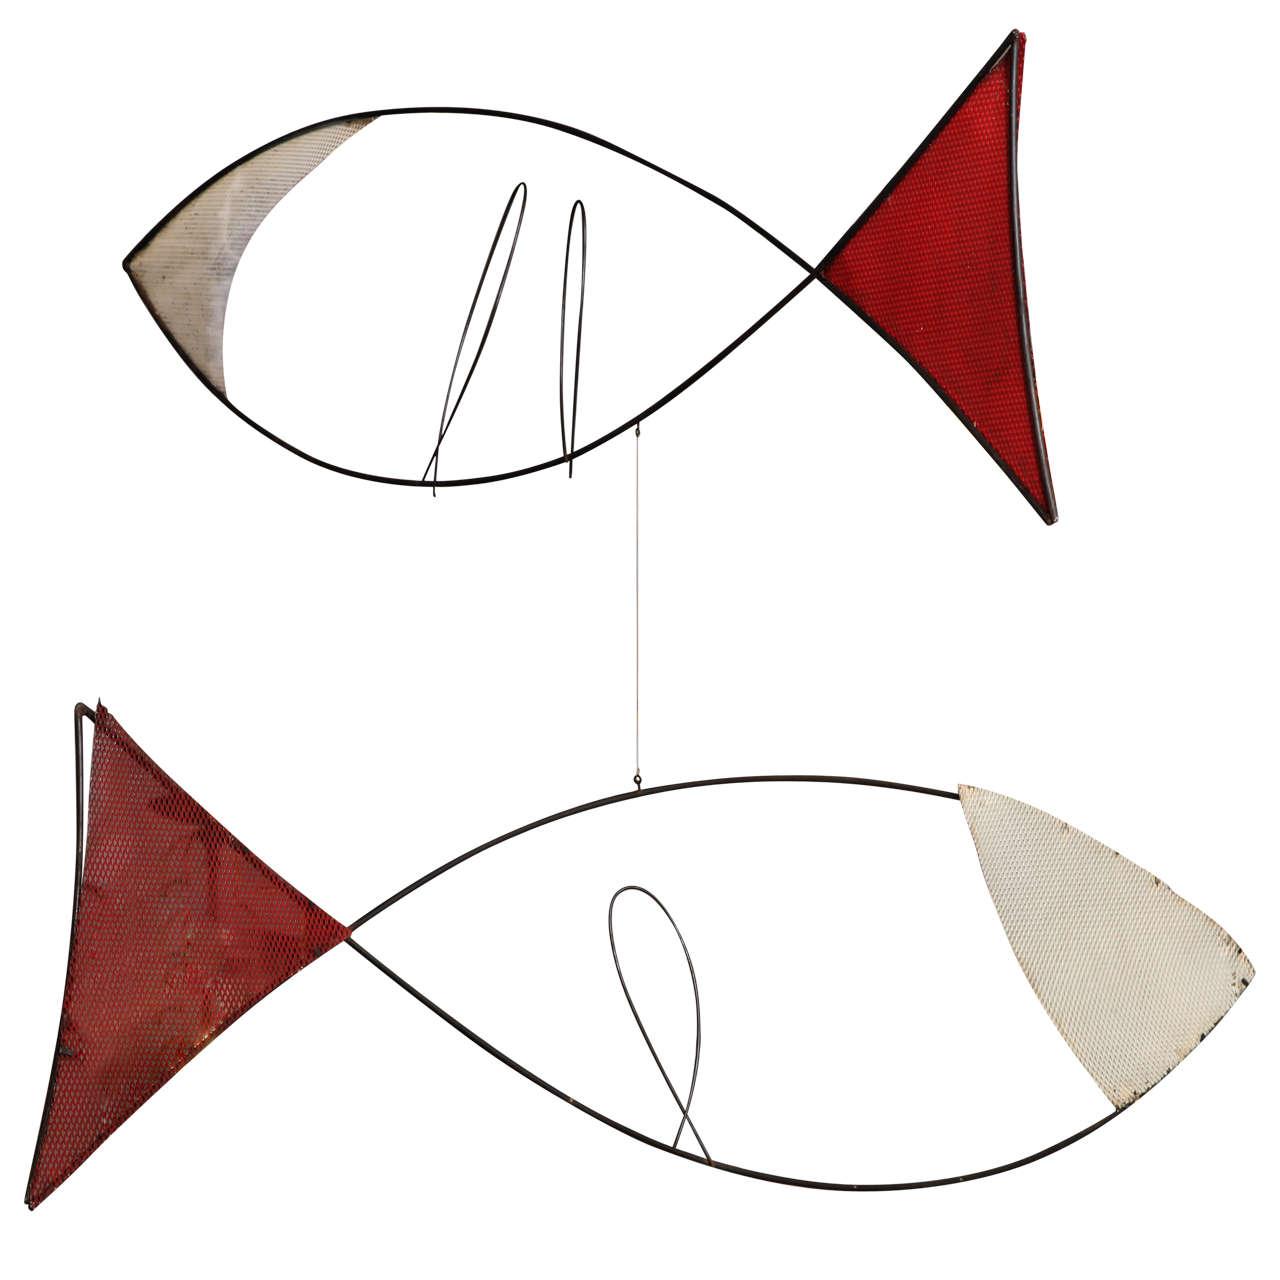 Sculptural Metal Fish Mobile, 1950s